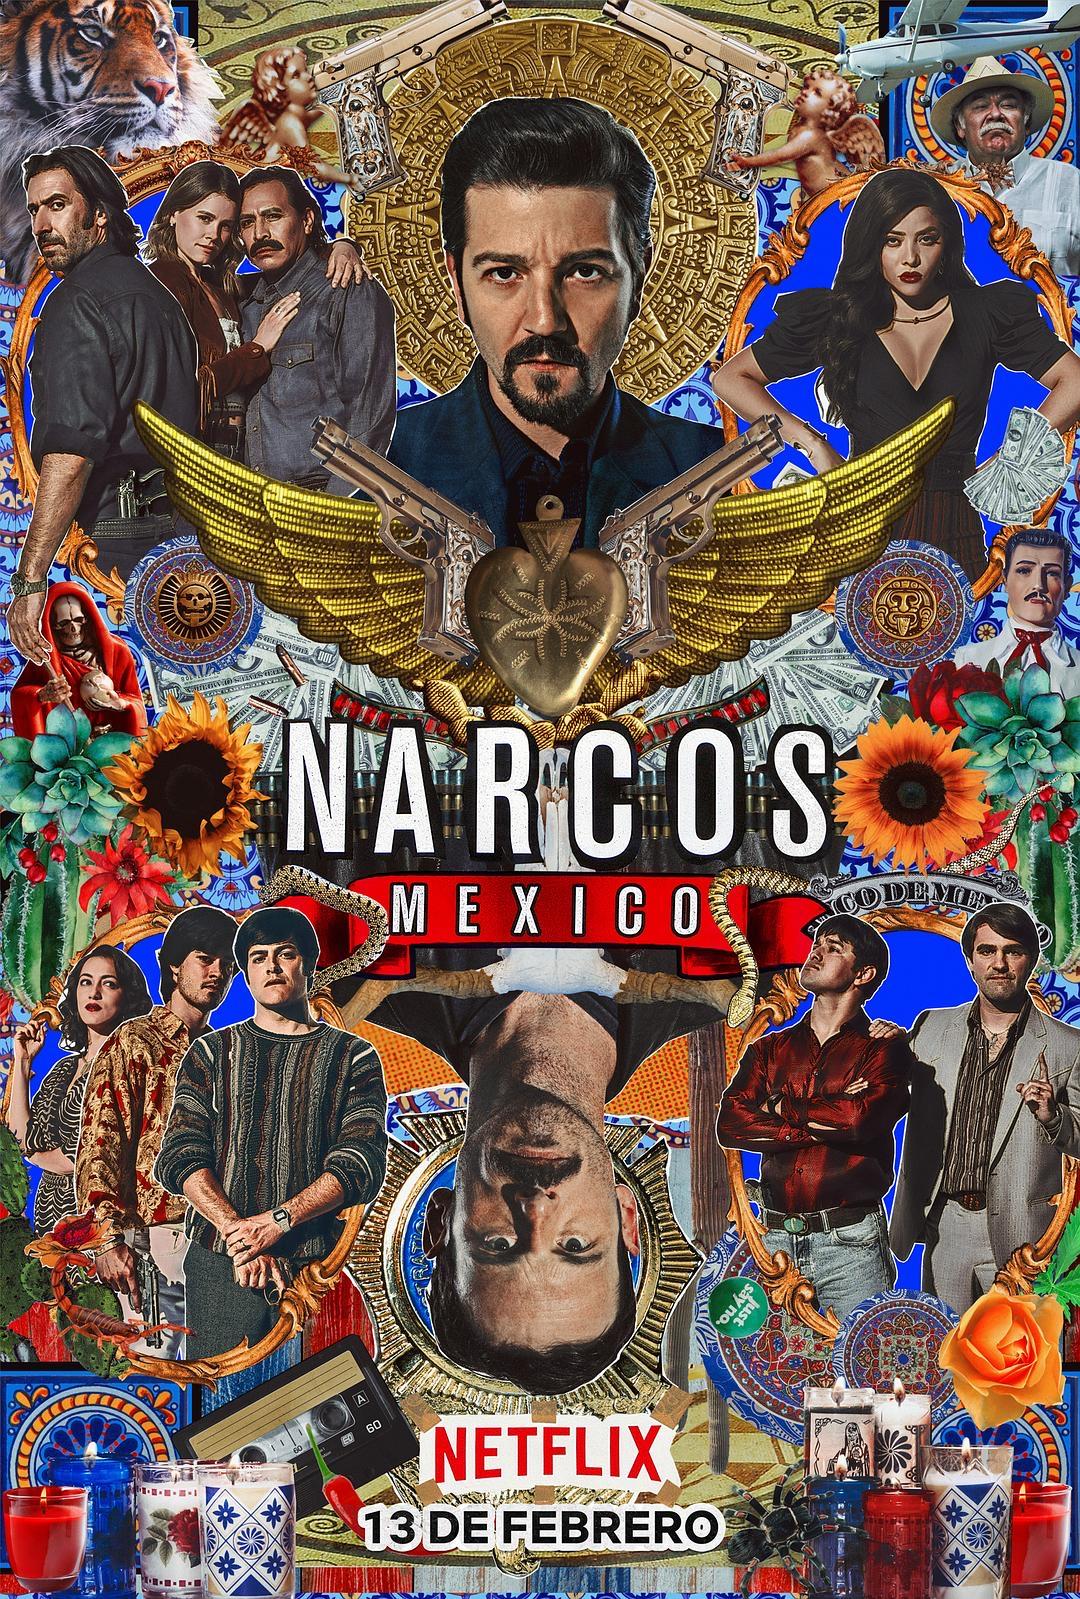 一口气放出全部十集,《毒枭:墨西哥》第二季看起来